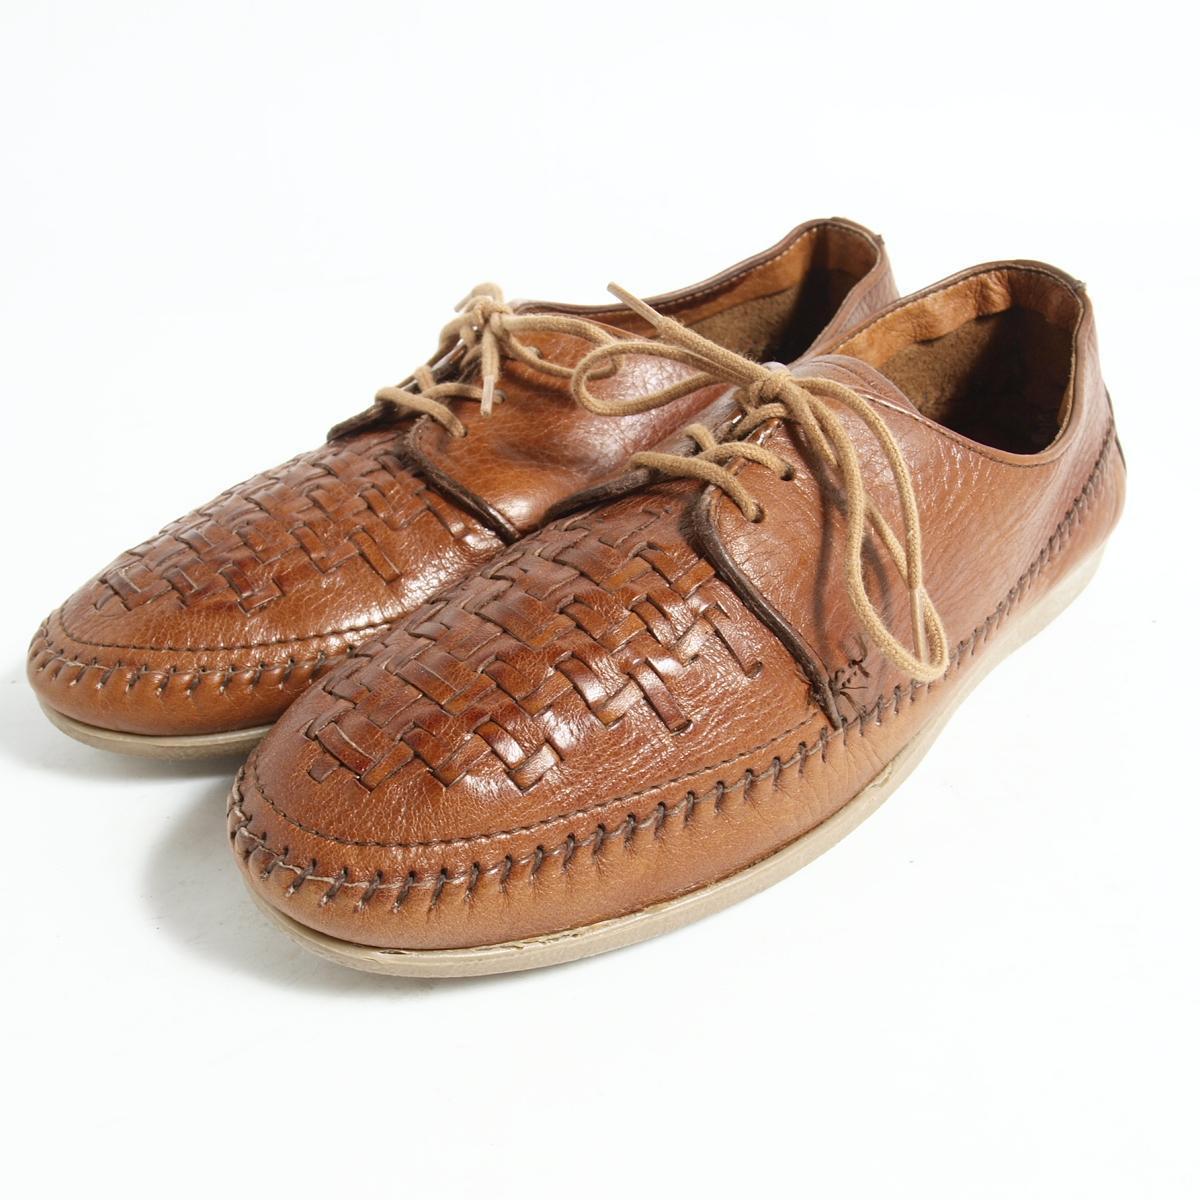 Dexter Womens Dress Shoes